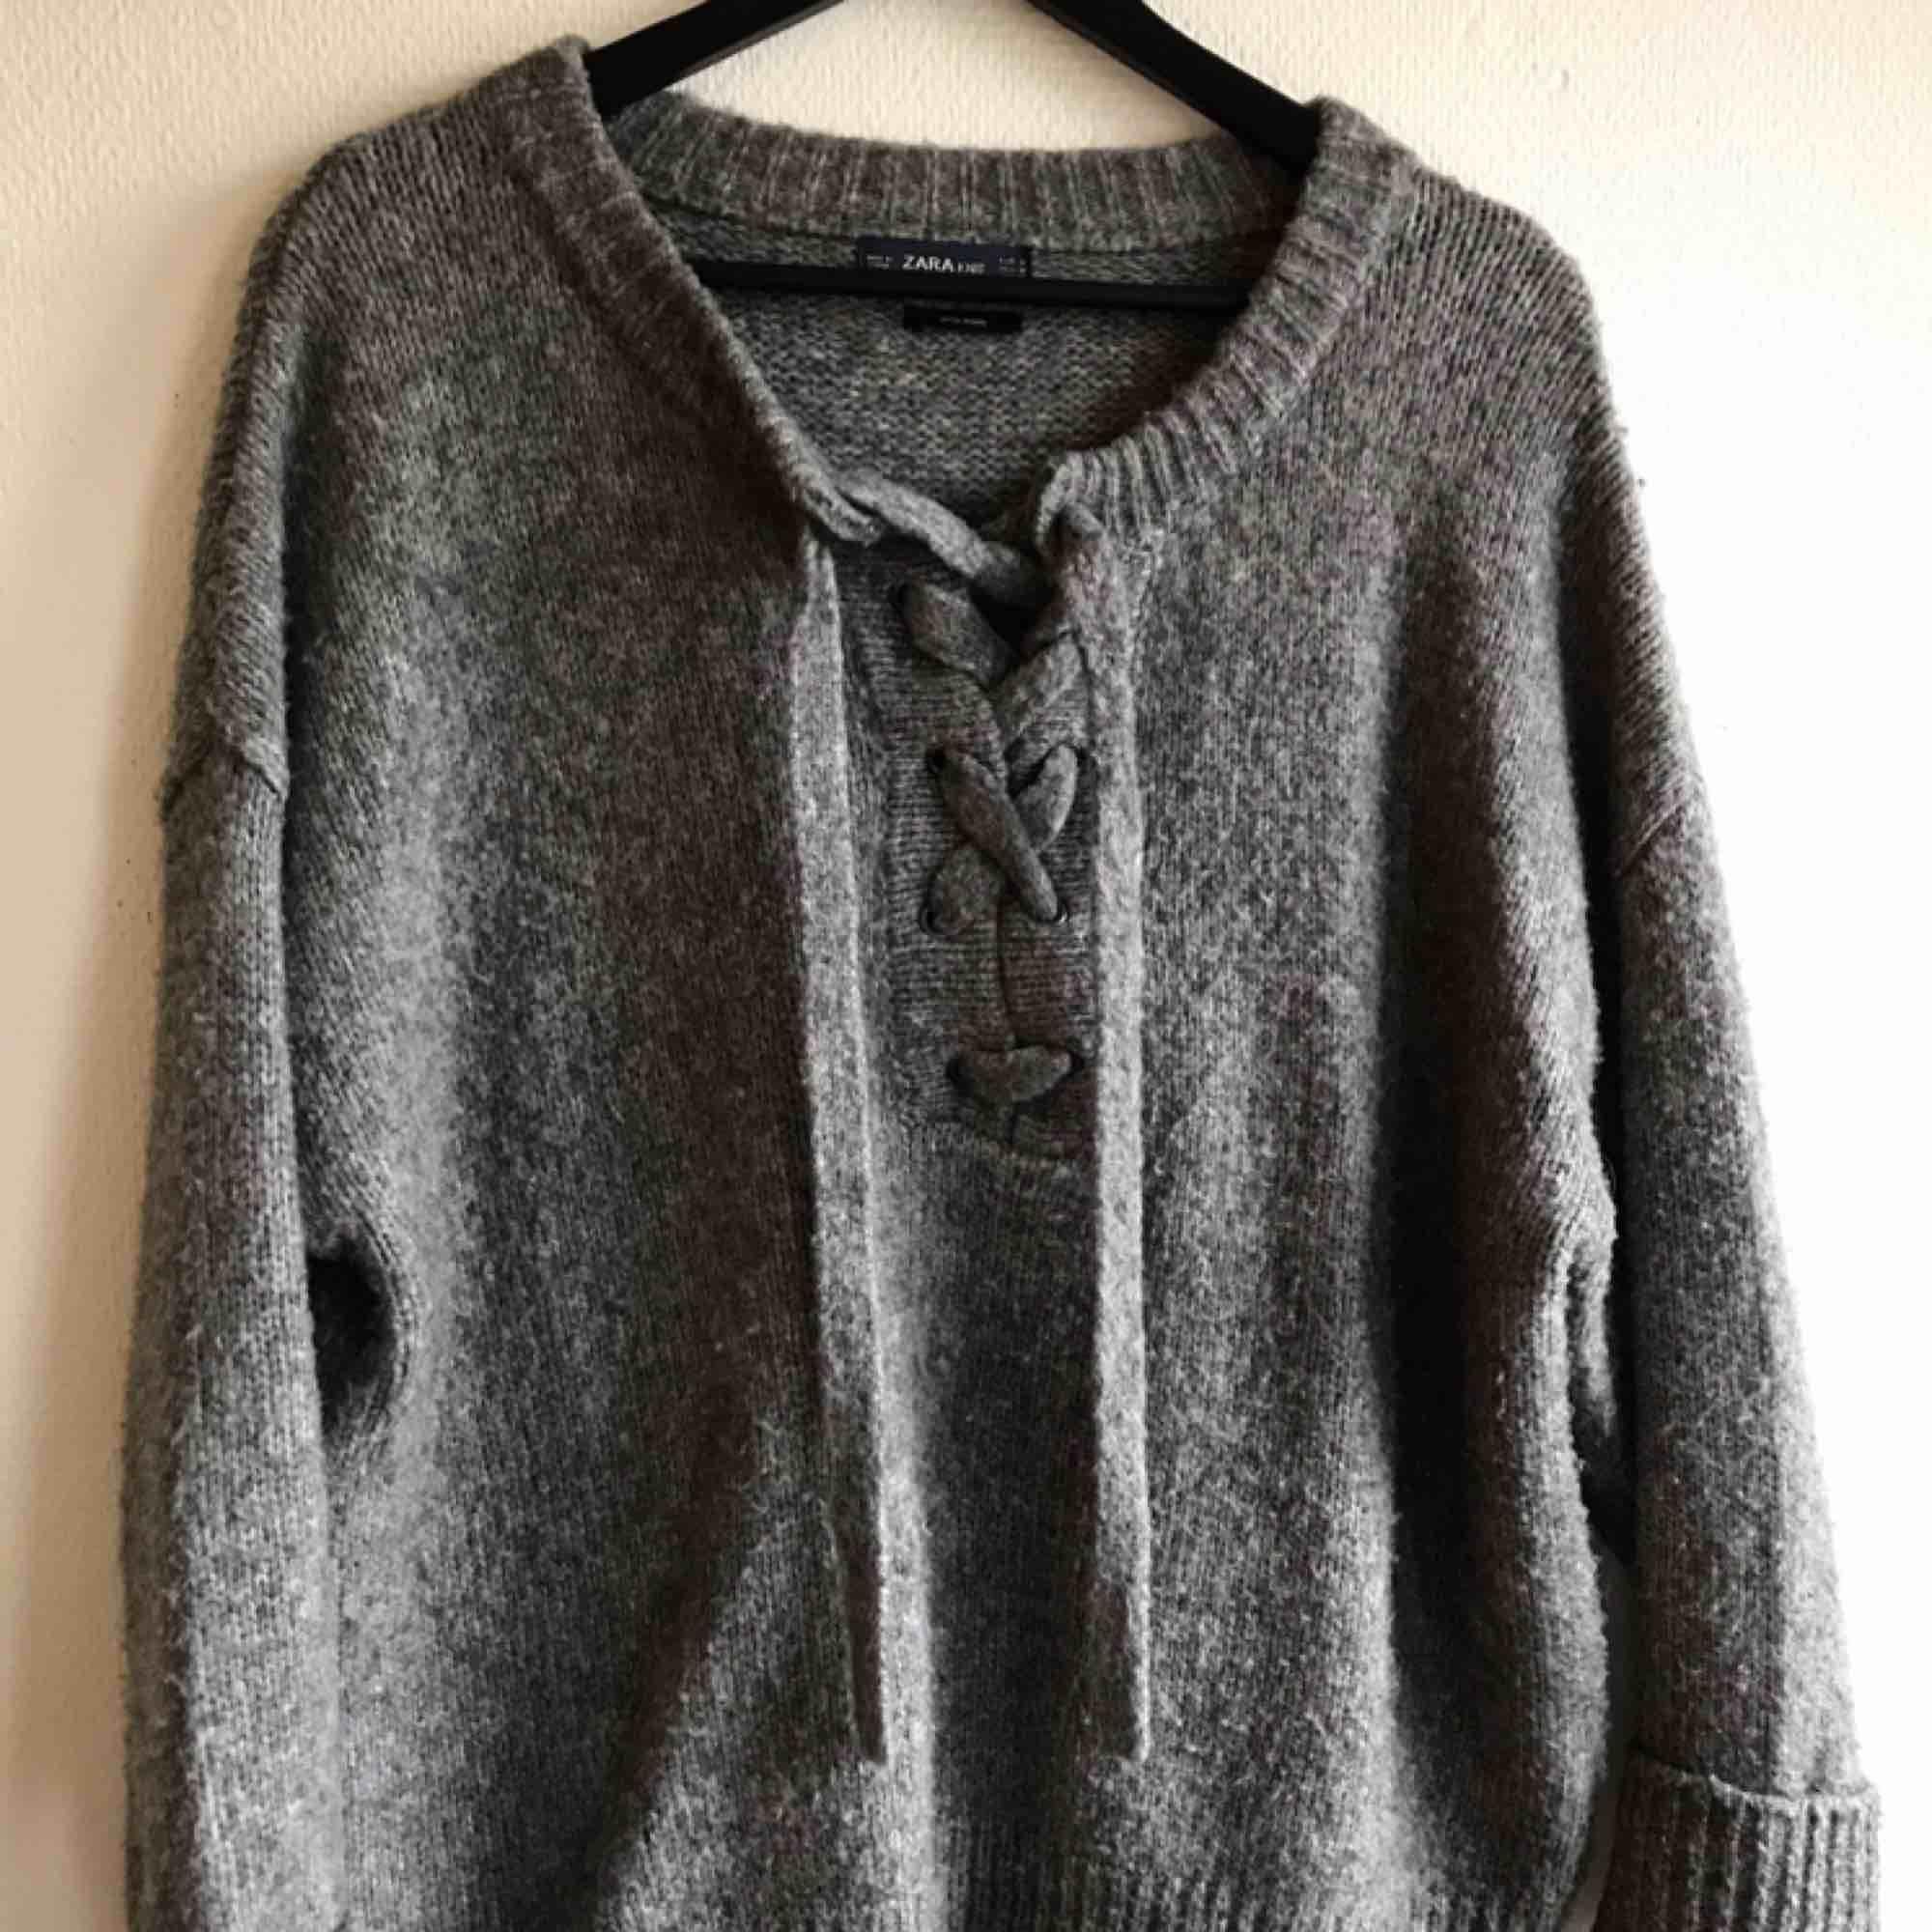 Varm ulltröja, använd få gånger🌻 Skickas mot spårbar frakt🌻. Huvtröjor & Träningströjor.